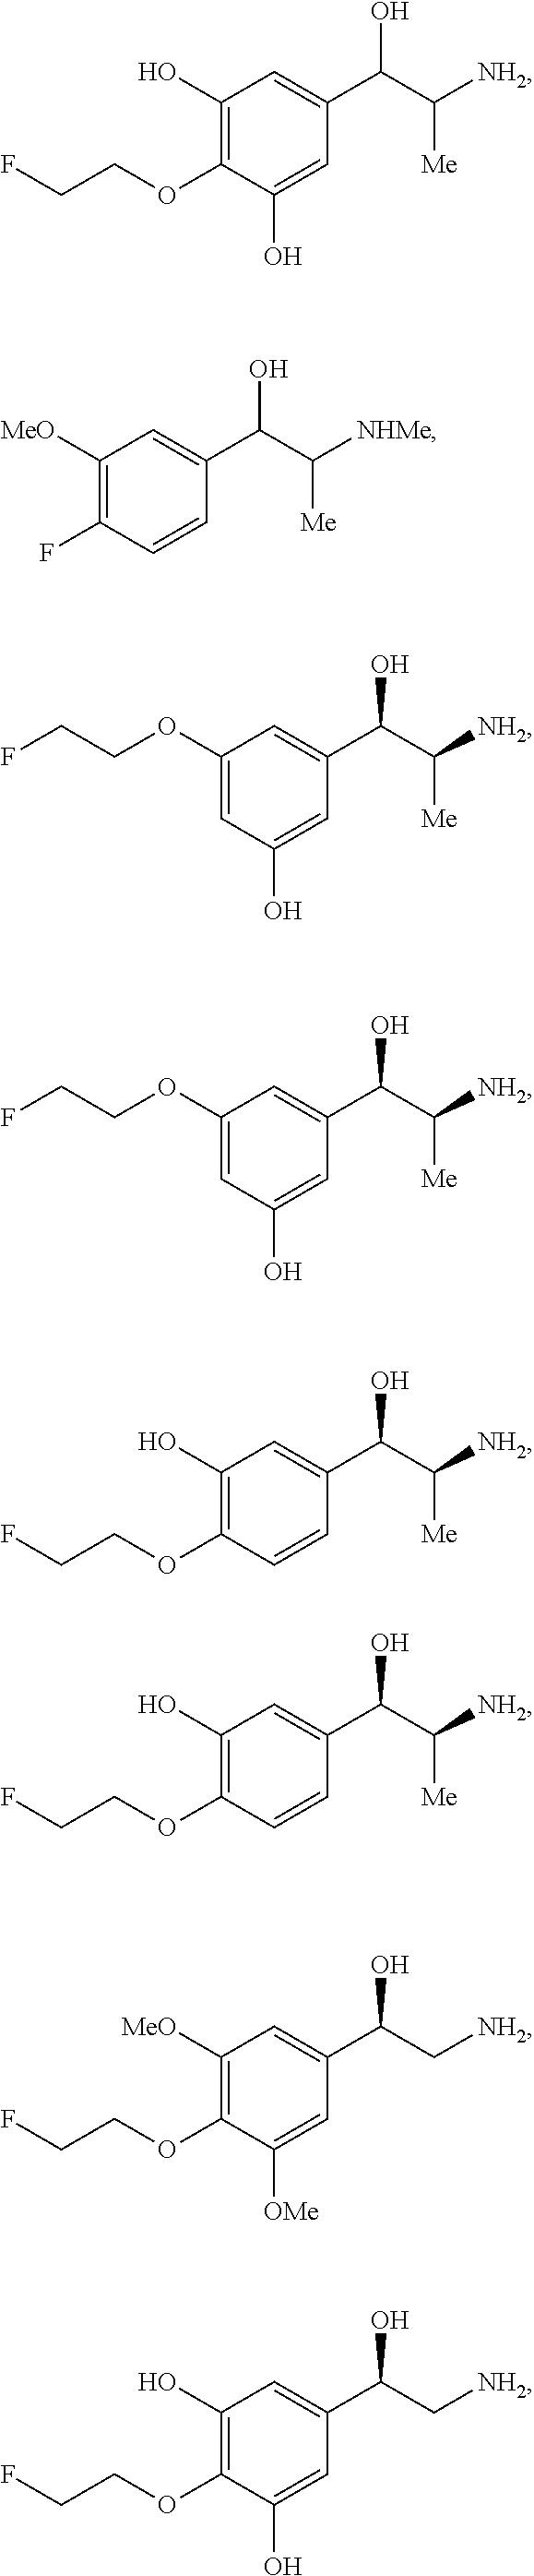 Figure US09550000-20170124-C00016